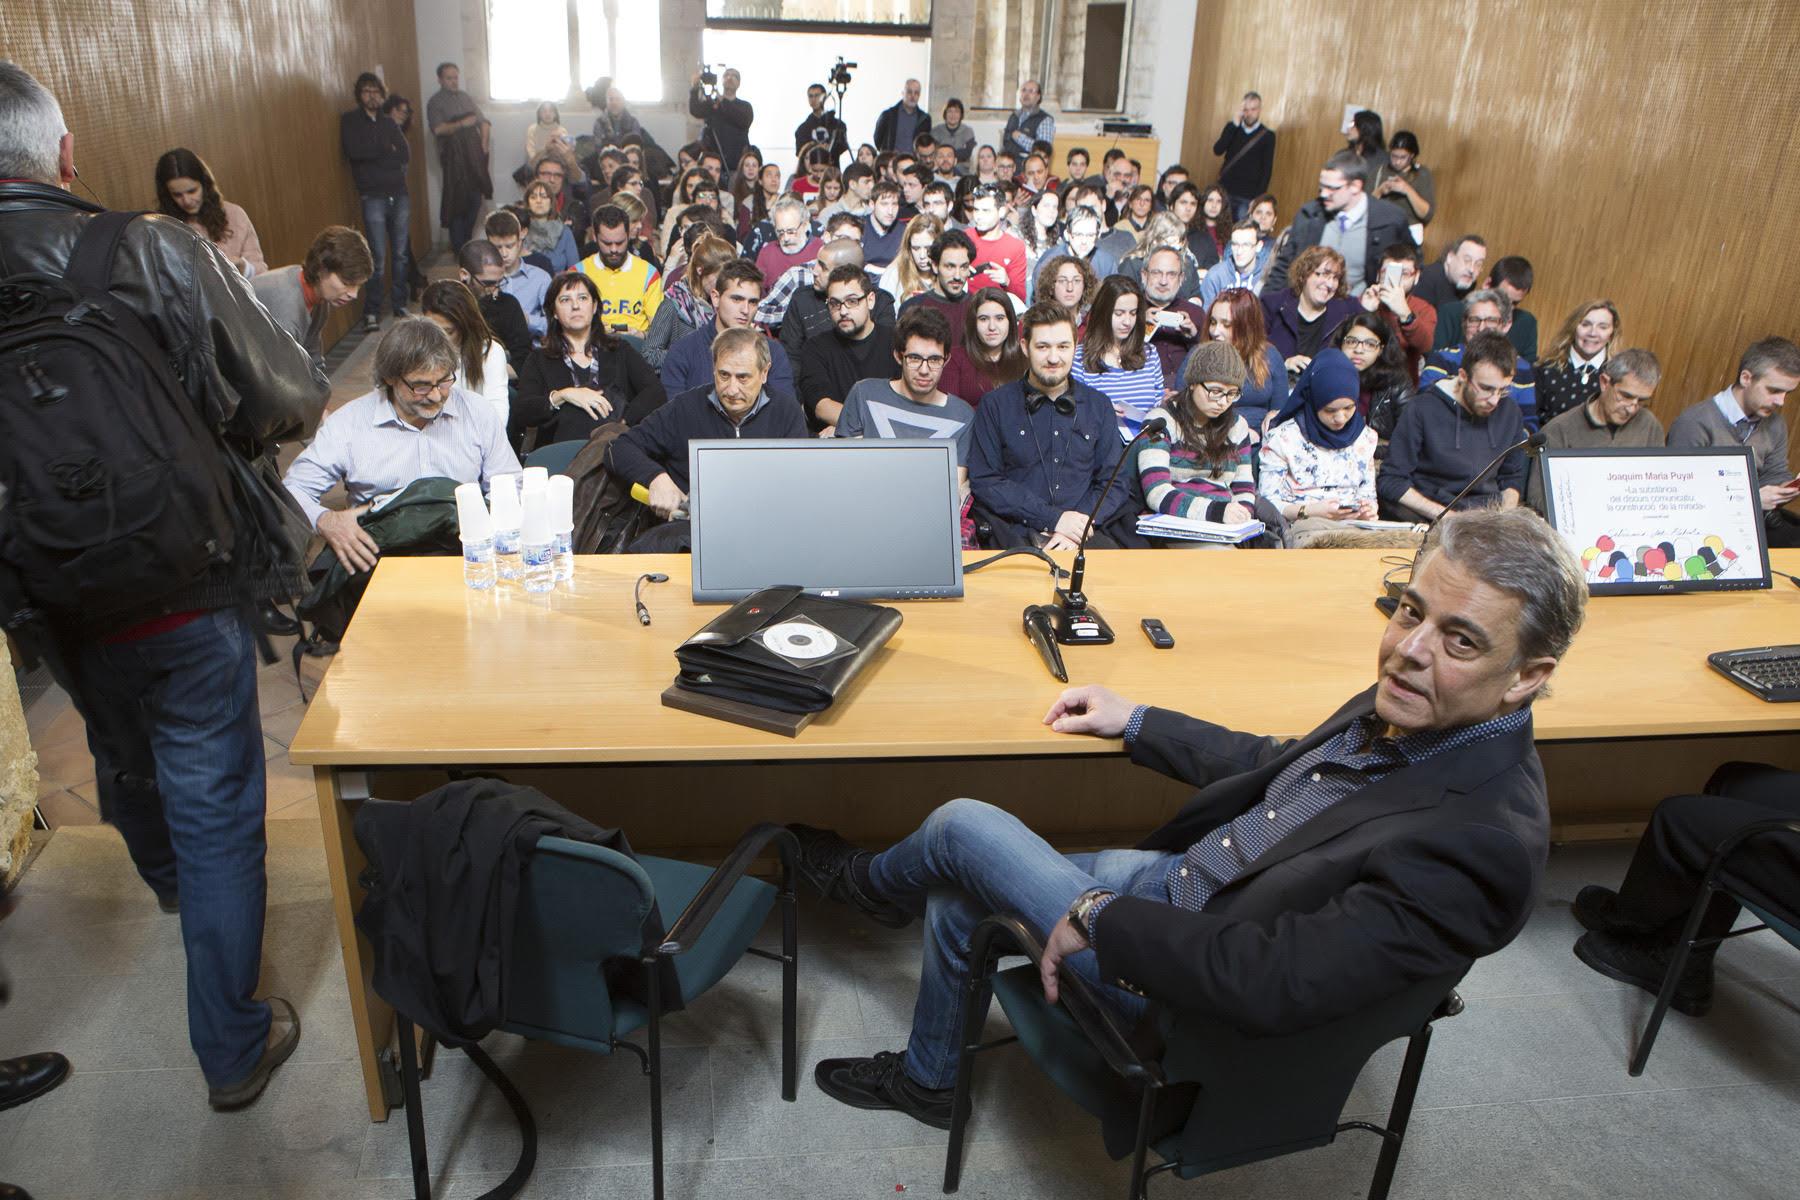 Joaquim Maria Puyal abans de començar la conferència a la UdG | Foto: Martí Artalejo, Diputació de Girona